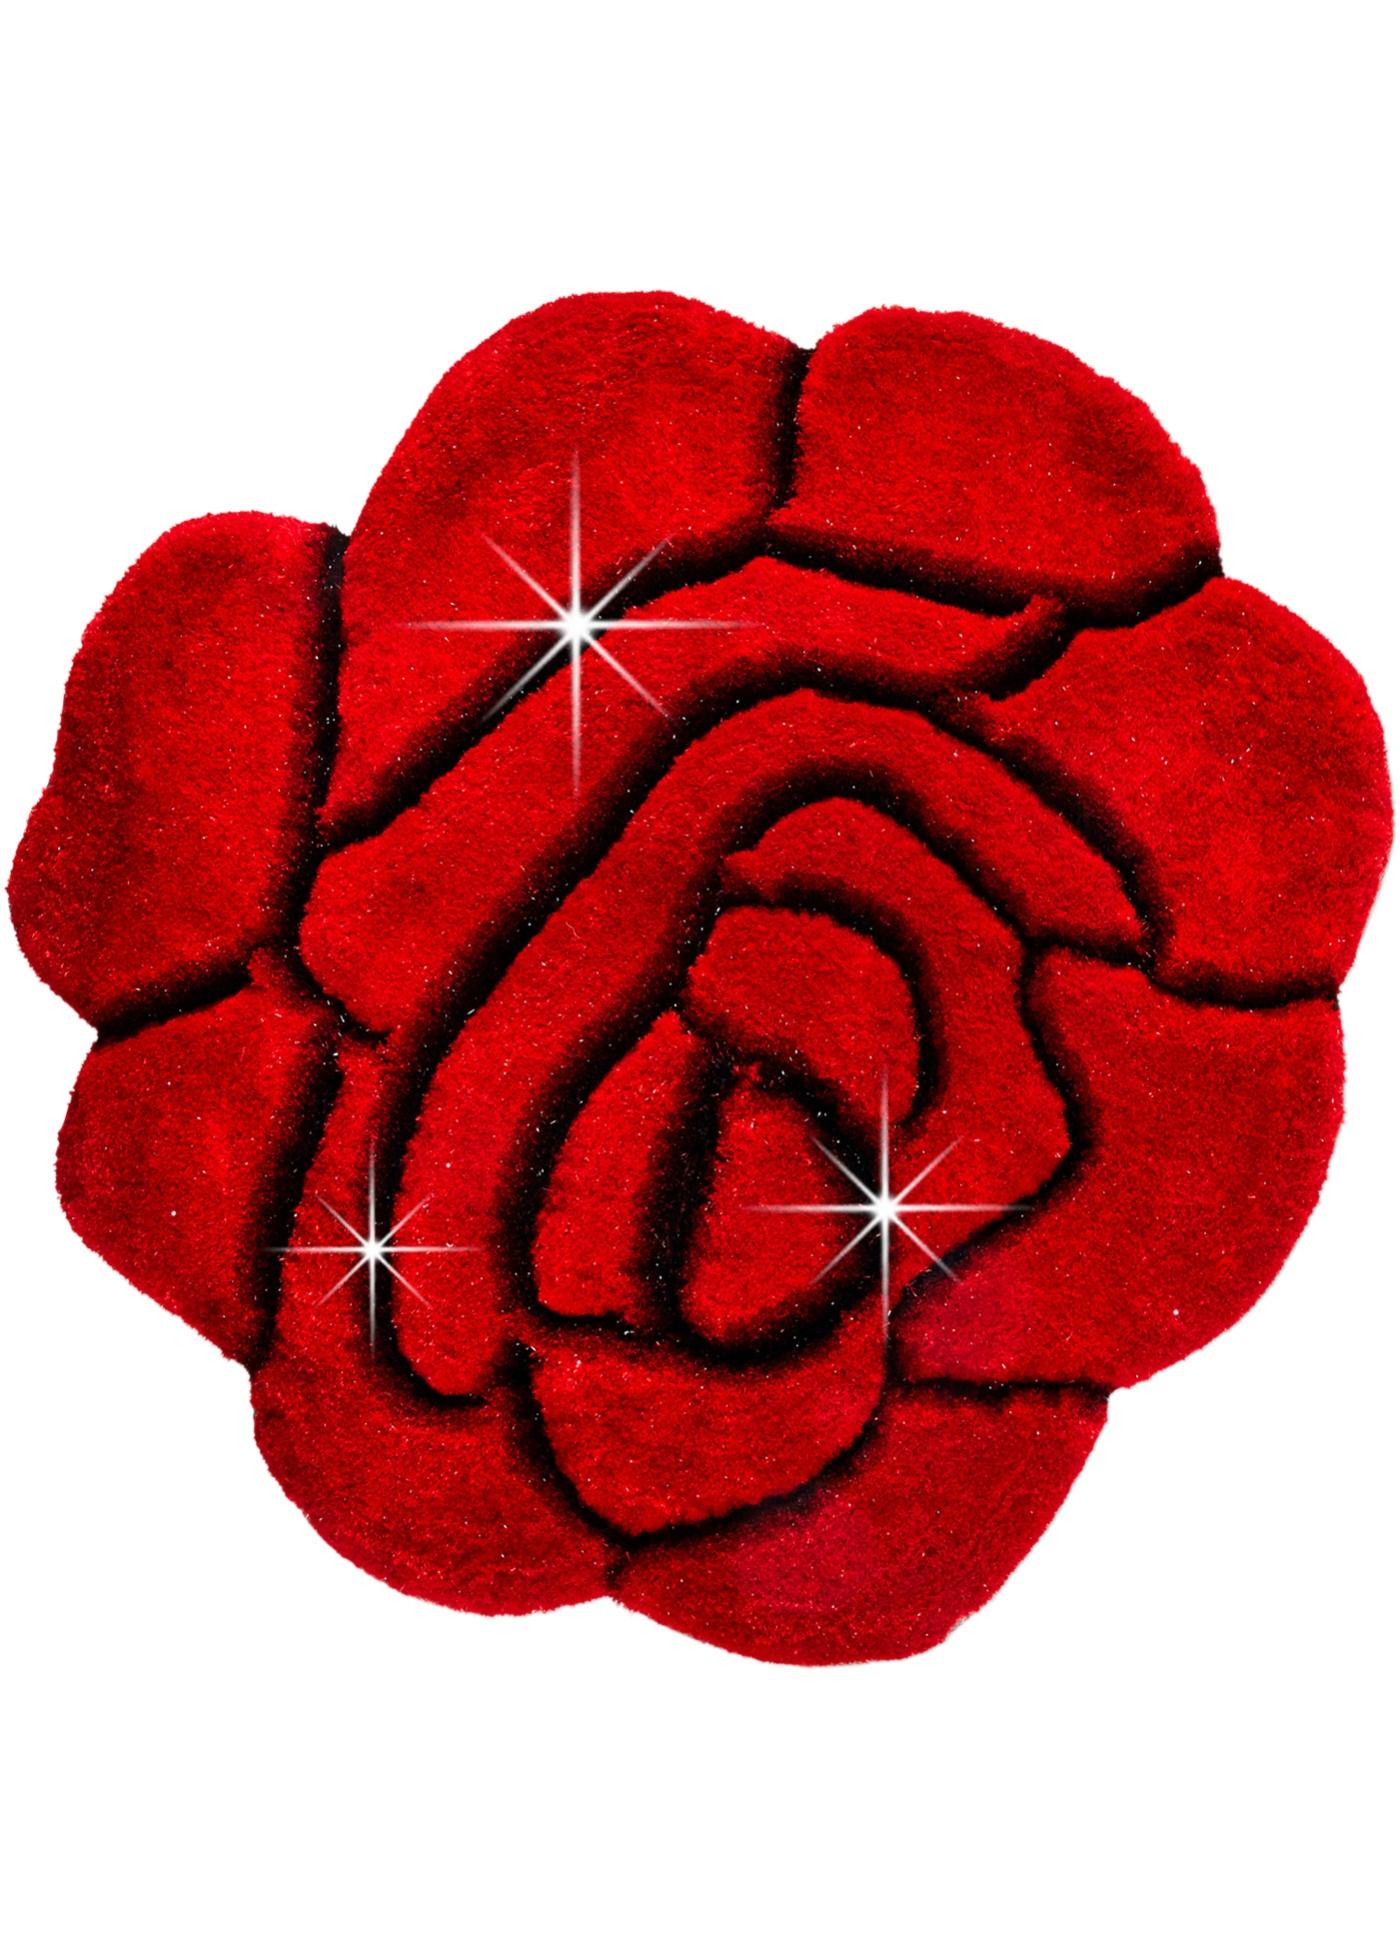 """Tapis de qualité supérieure en forme de fleur avec fil brillant et superbe effet de relief, poids env. 3500 g/m², hauteur totale env. 38 mm, robuste et facile d""""entretien, convient au chauffage par le sol, dossier avec revêtement textile. Les dimensi"""